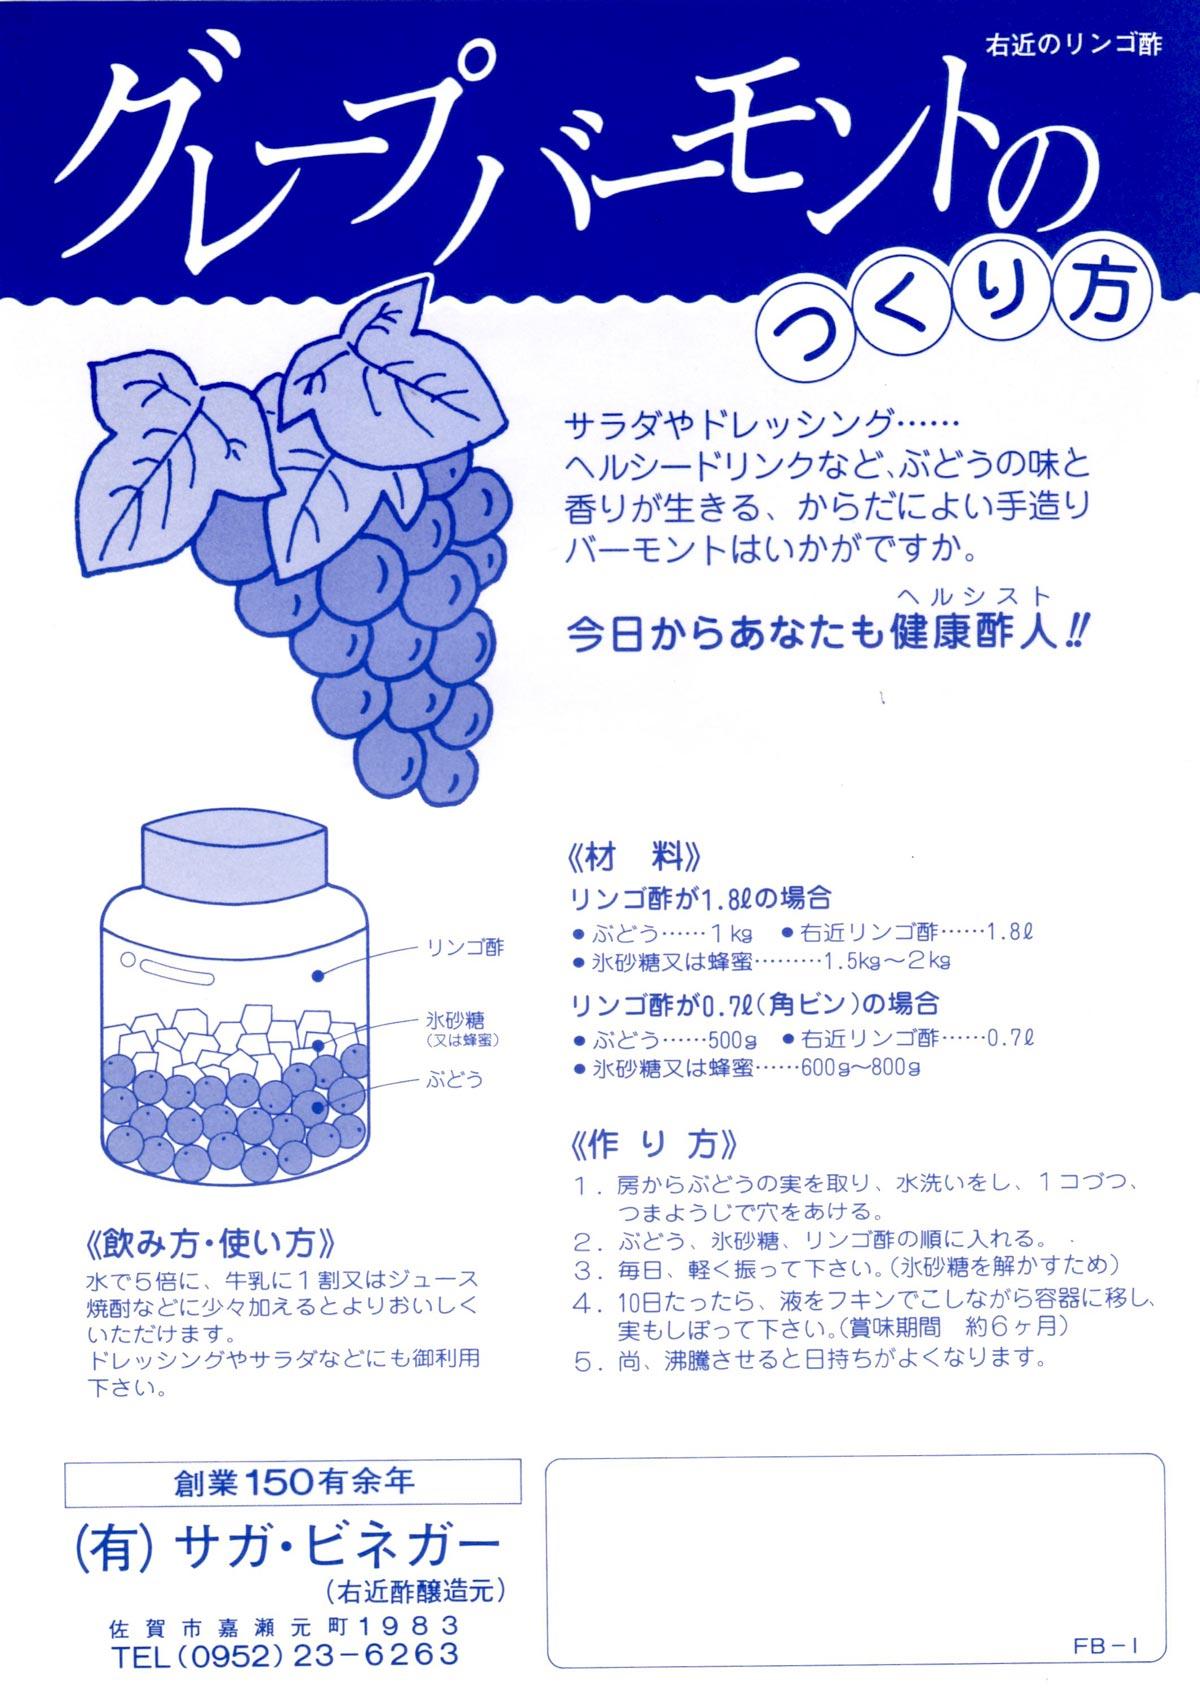 ぶどうバーモントの造り方